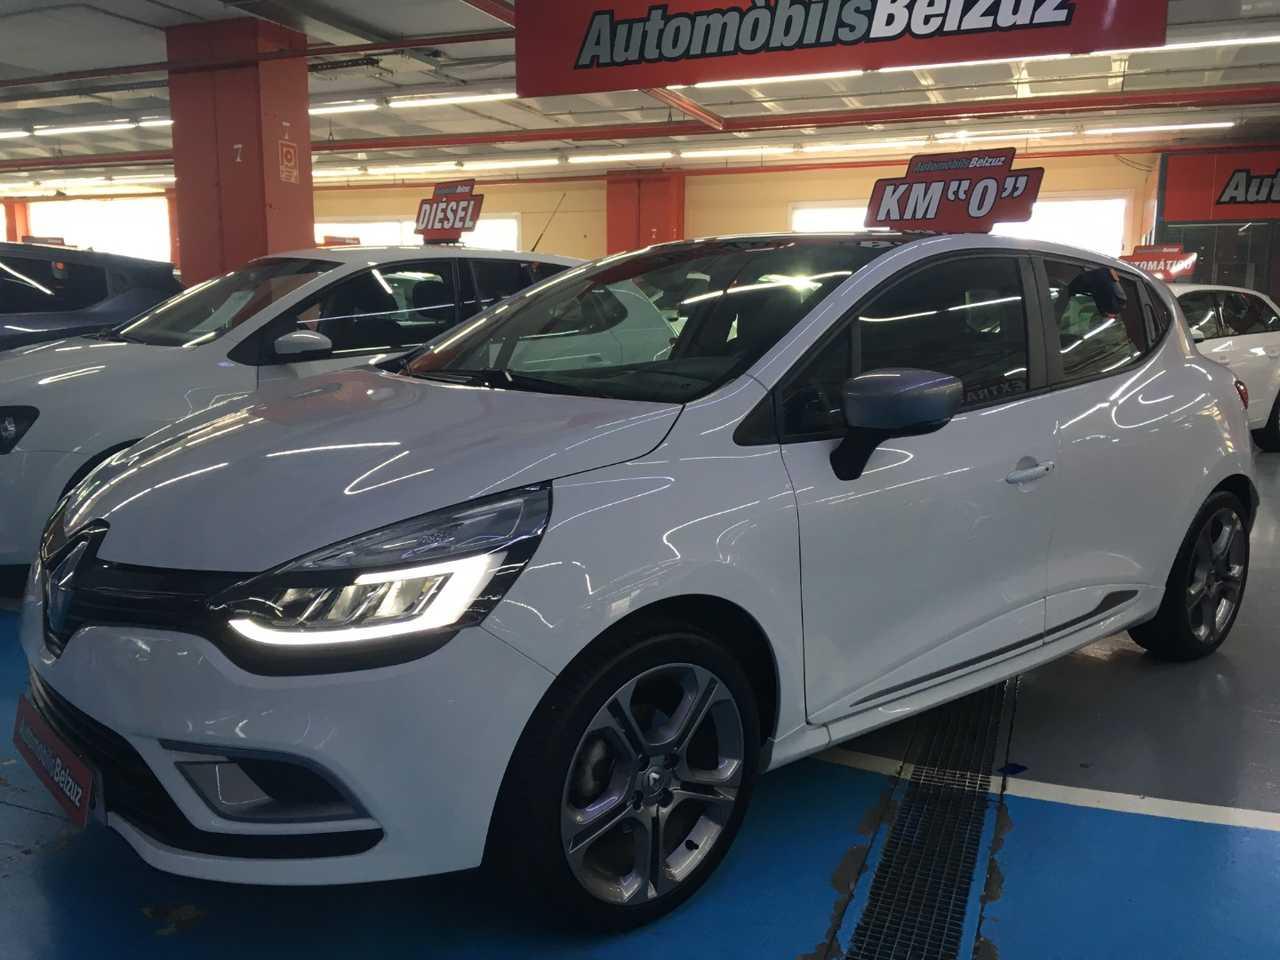 Renault Clio GT LINE, TECHO PANORMAICO, GPS, CAMARA   - Foto 1